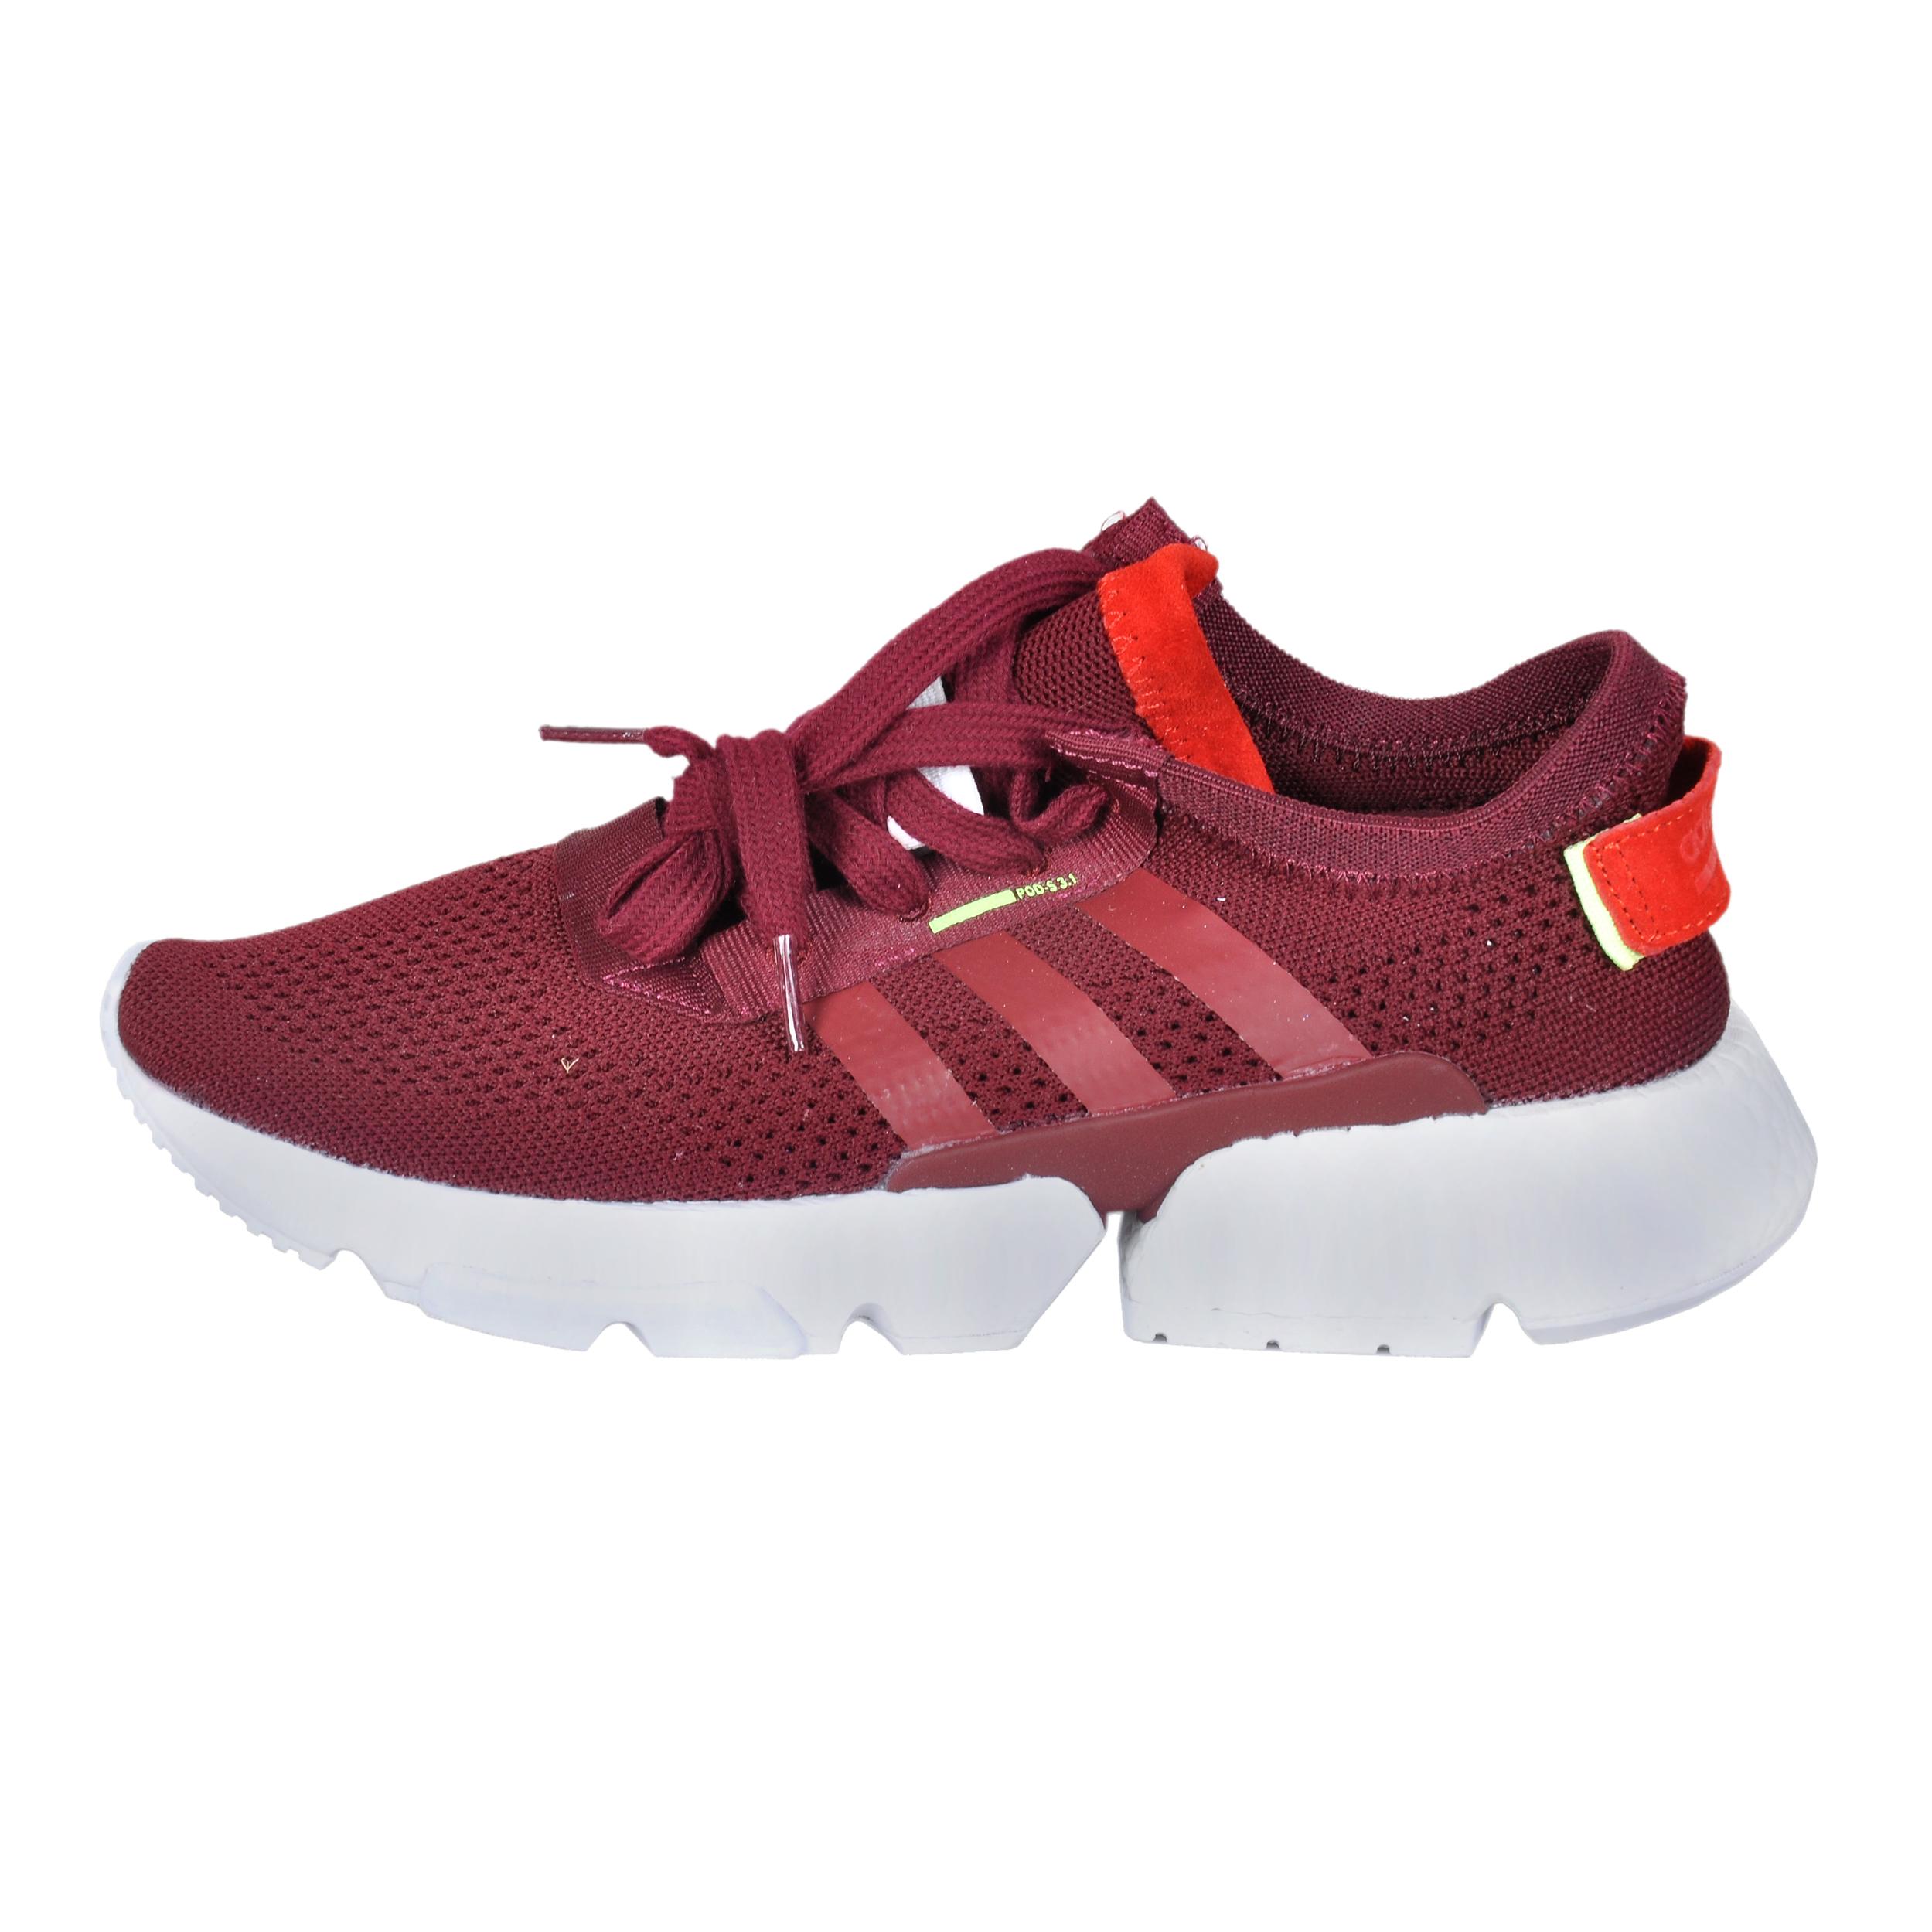 خرید                      کفش پیاده روی آدیداس مدل POD-S3.1